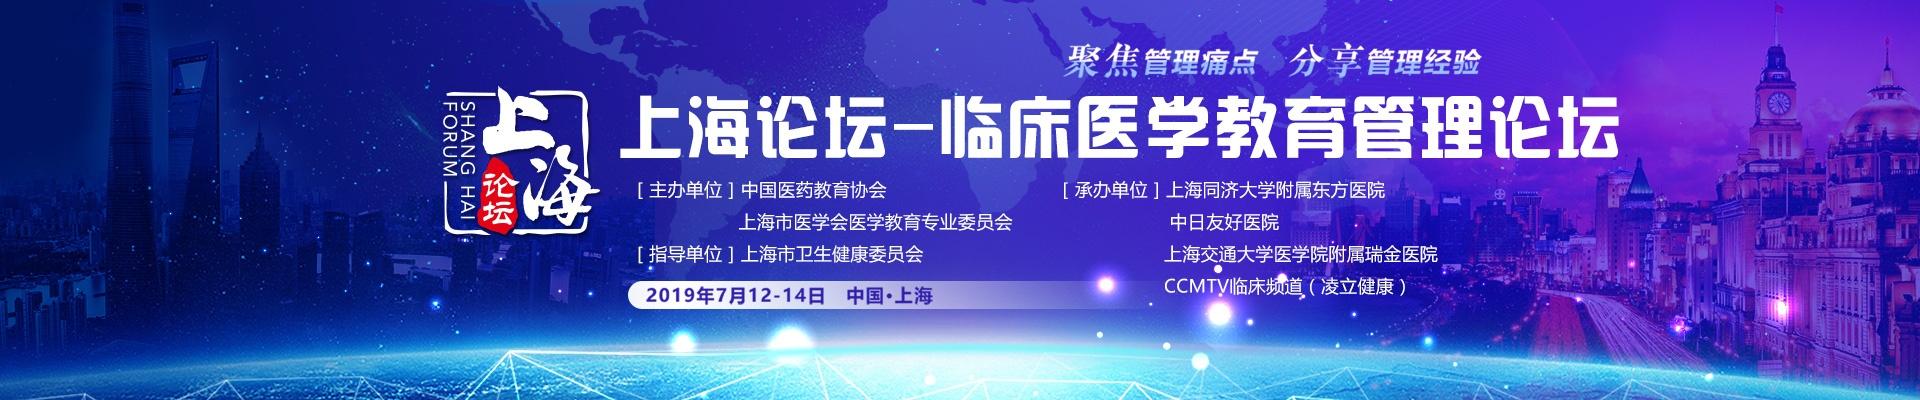 上海论坛 — 2019临床医学教育管理论坛